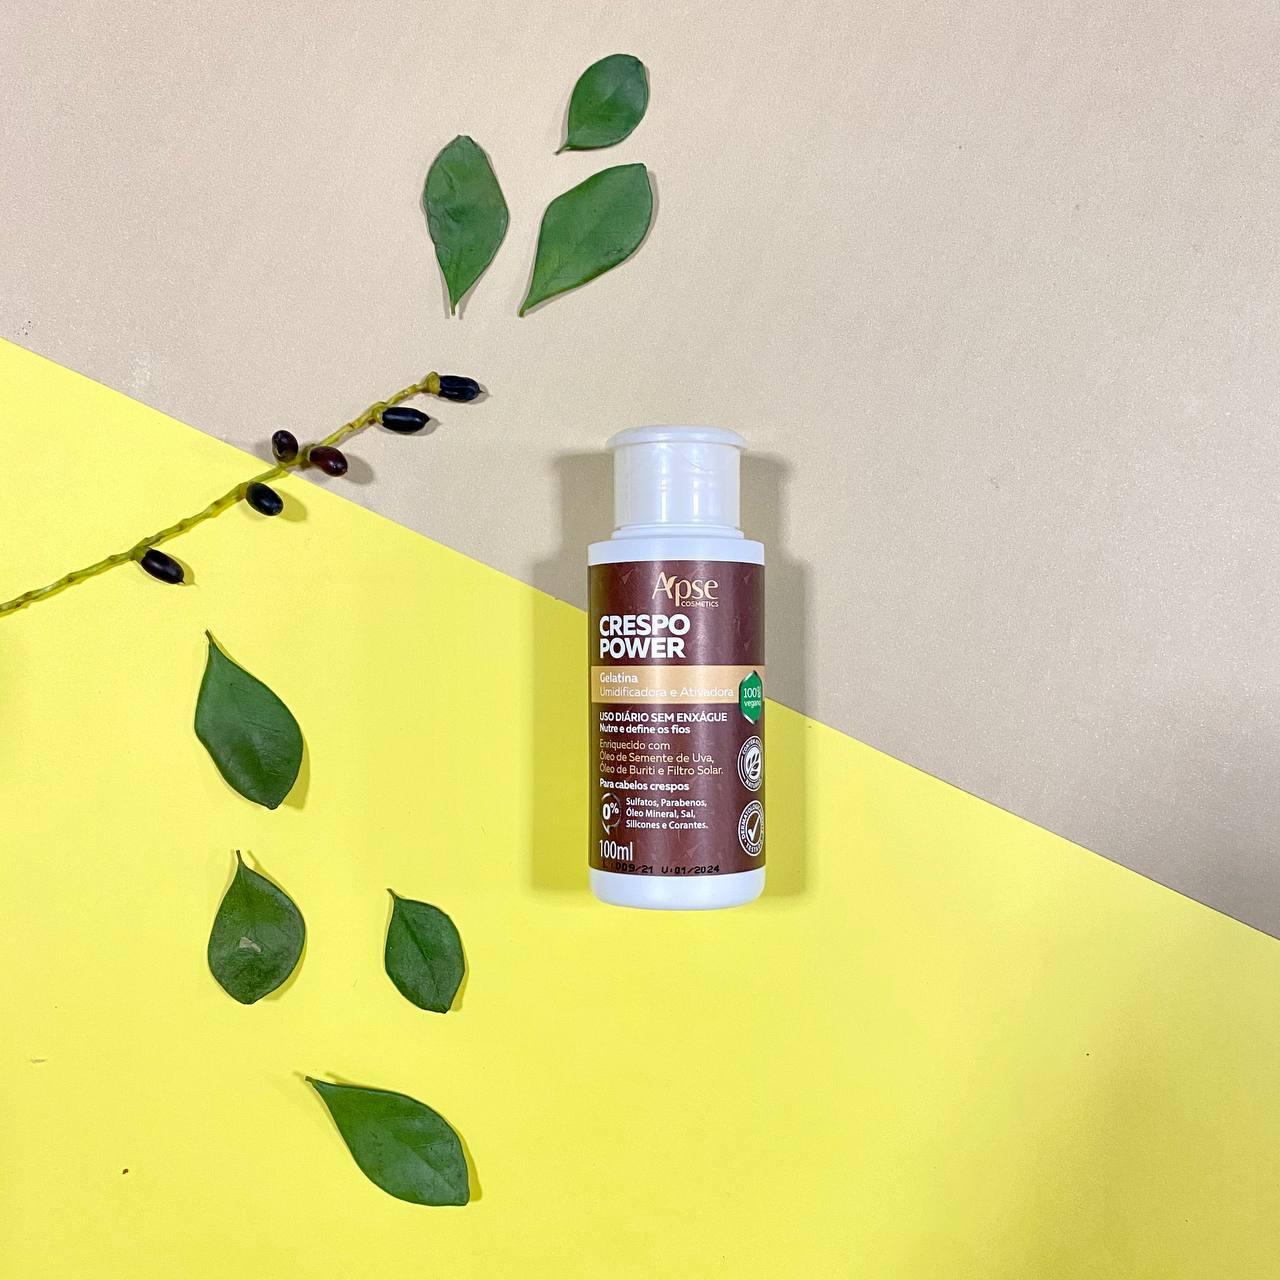 Gelatina Ativadora Umidificadora Crespo Power - Apse Cosmetics 100ml